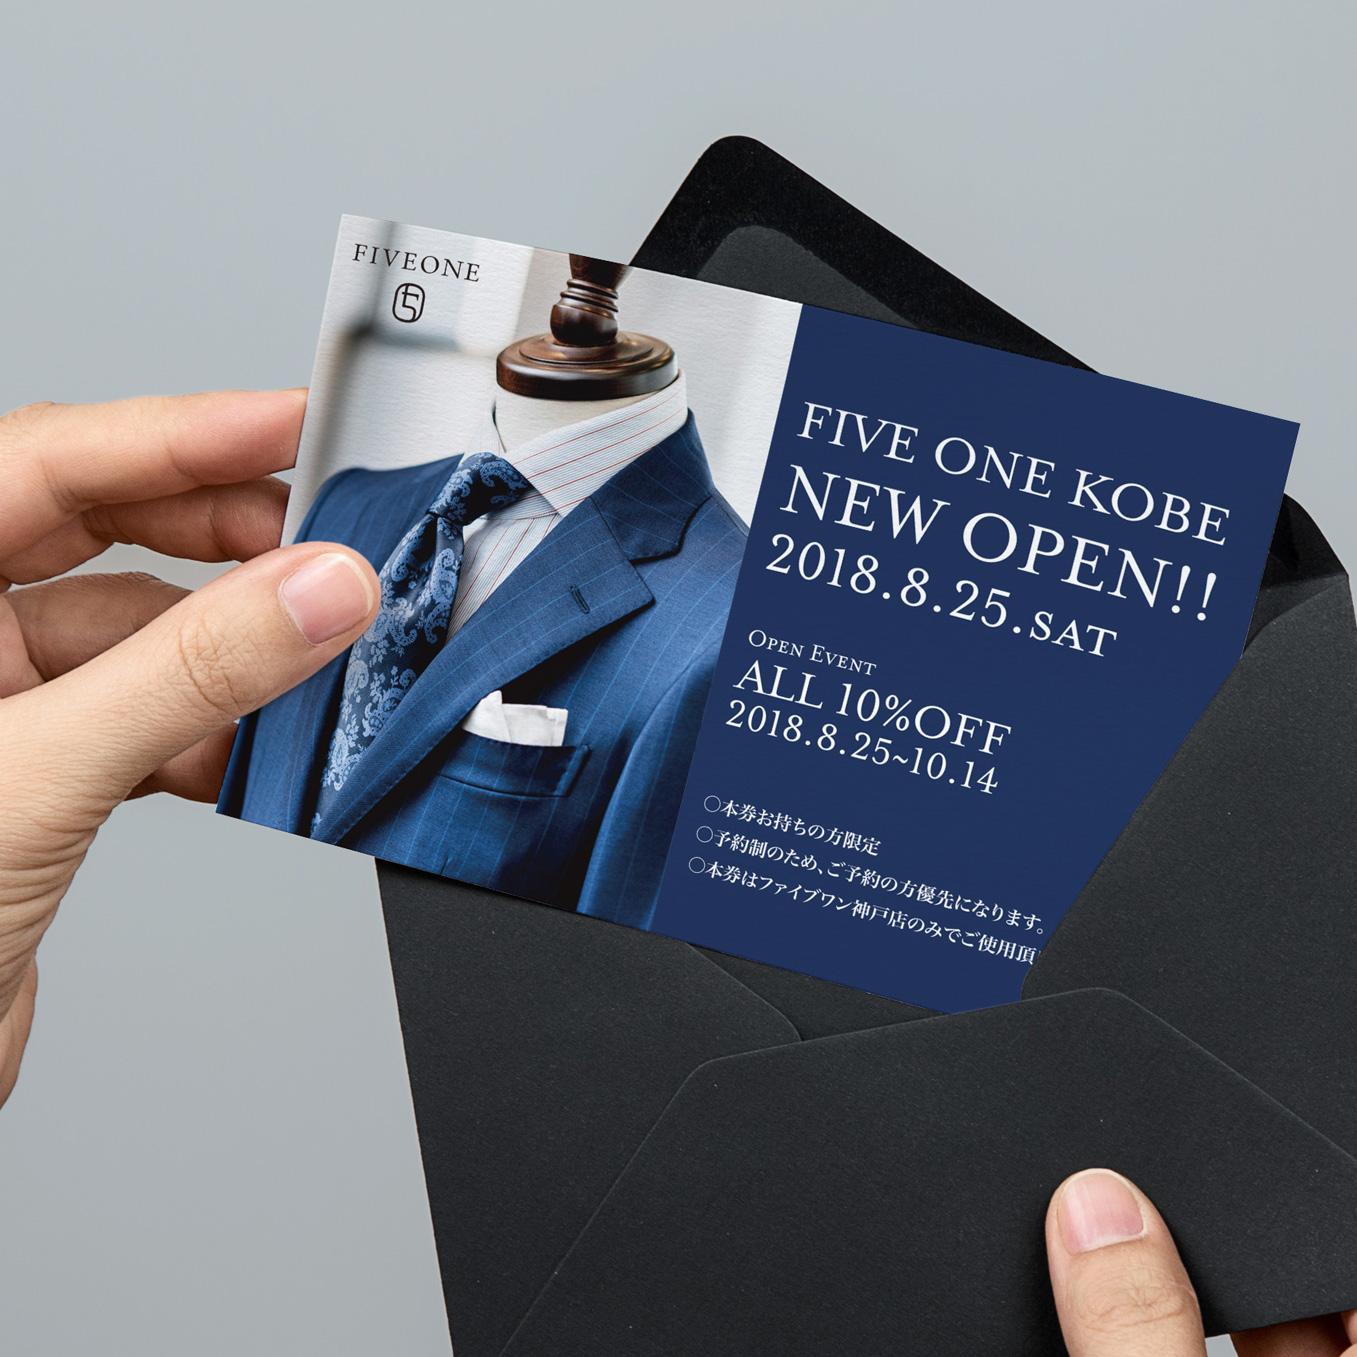 PERFORM / ファイブワン神戸店 DMデザイン